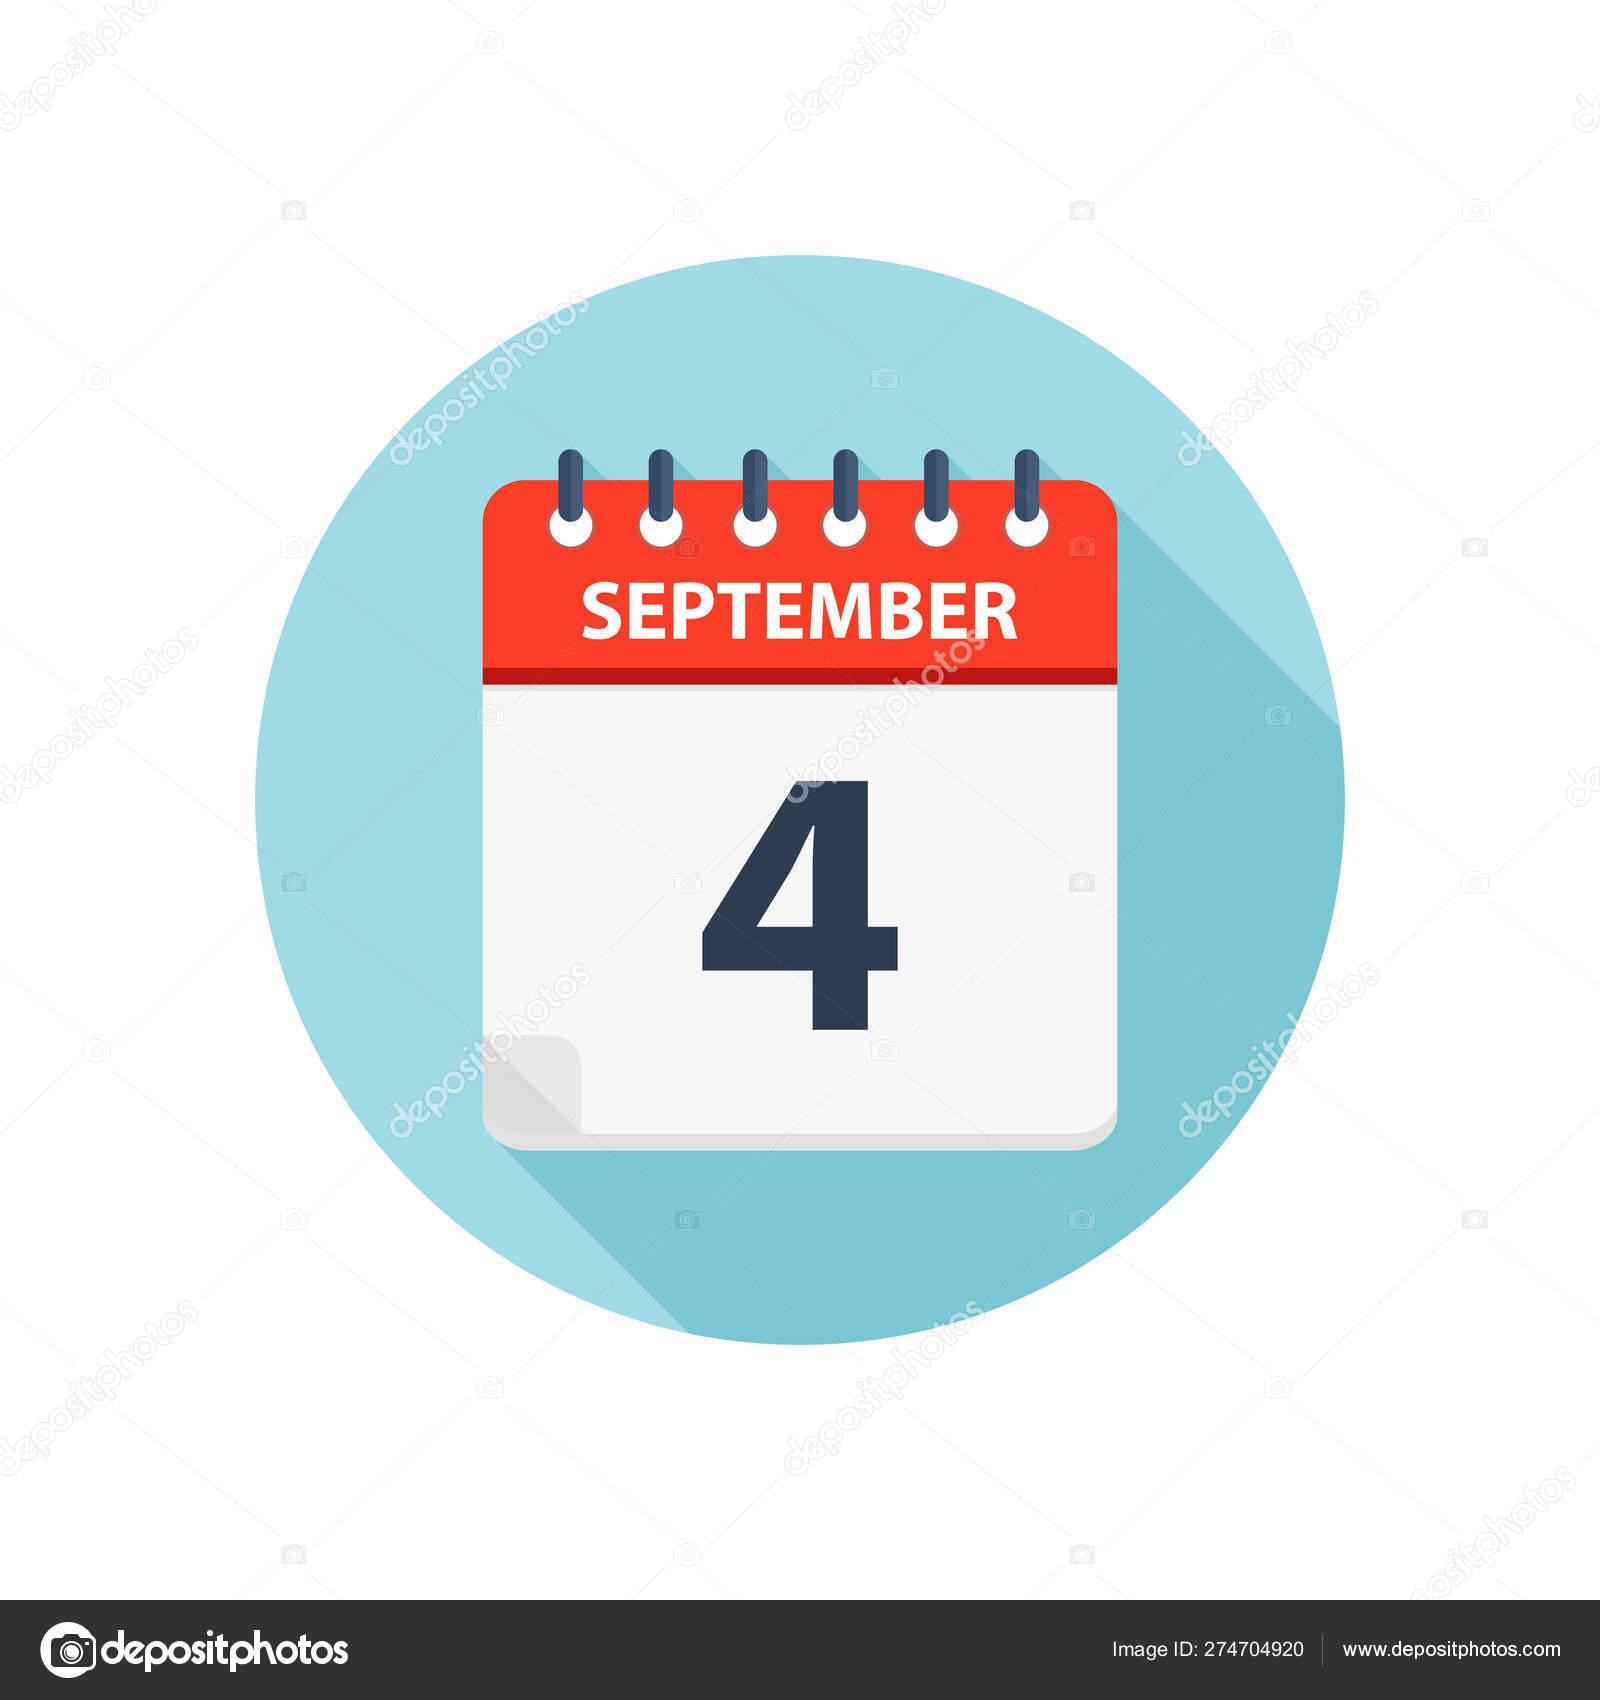 September 4  Calendar Icon  Round Calendar Design Template with Calendar Icon Round